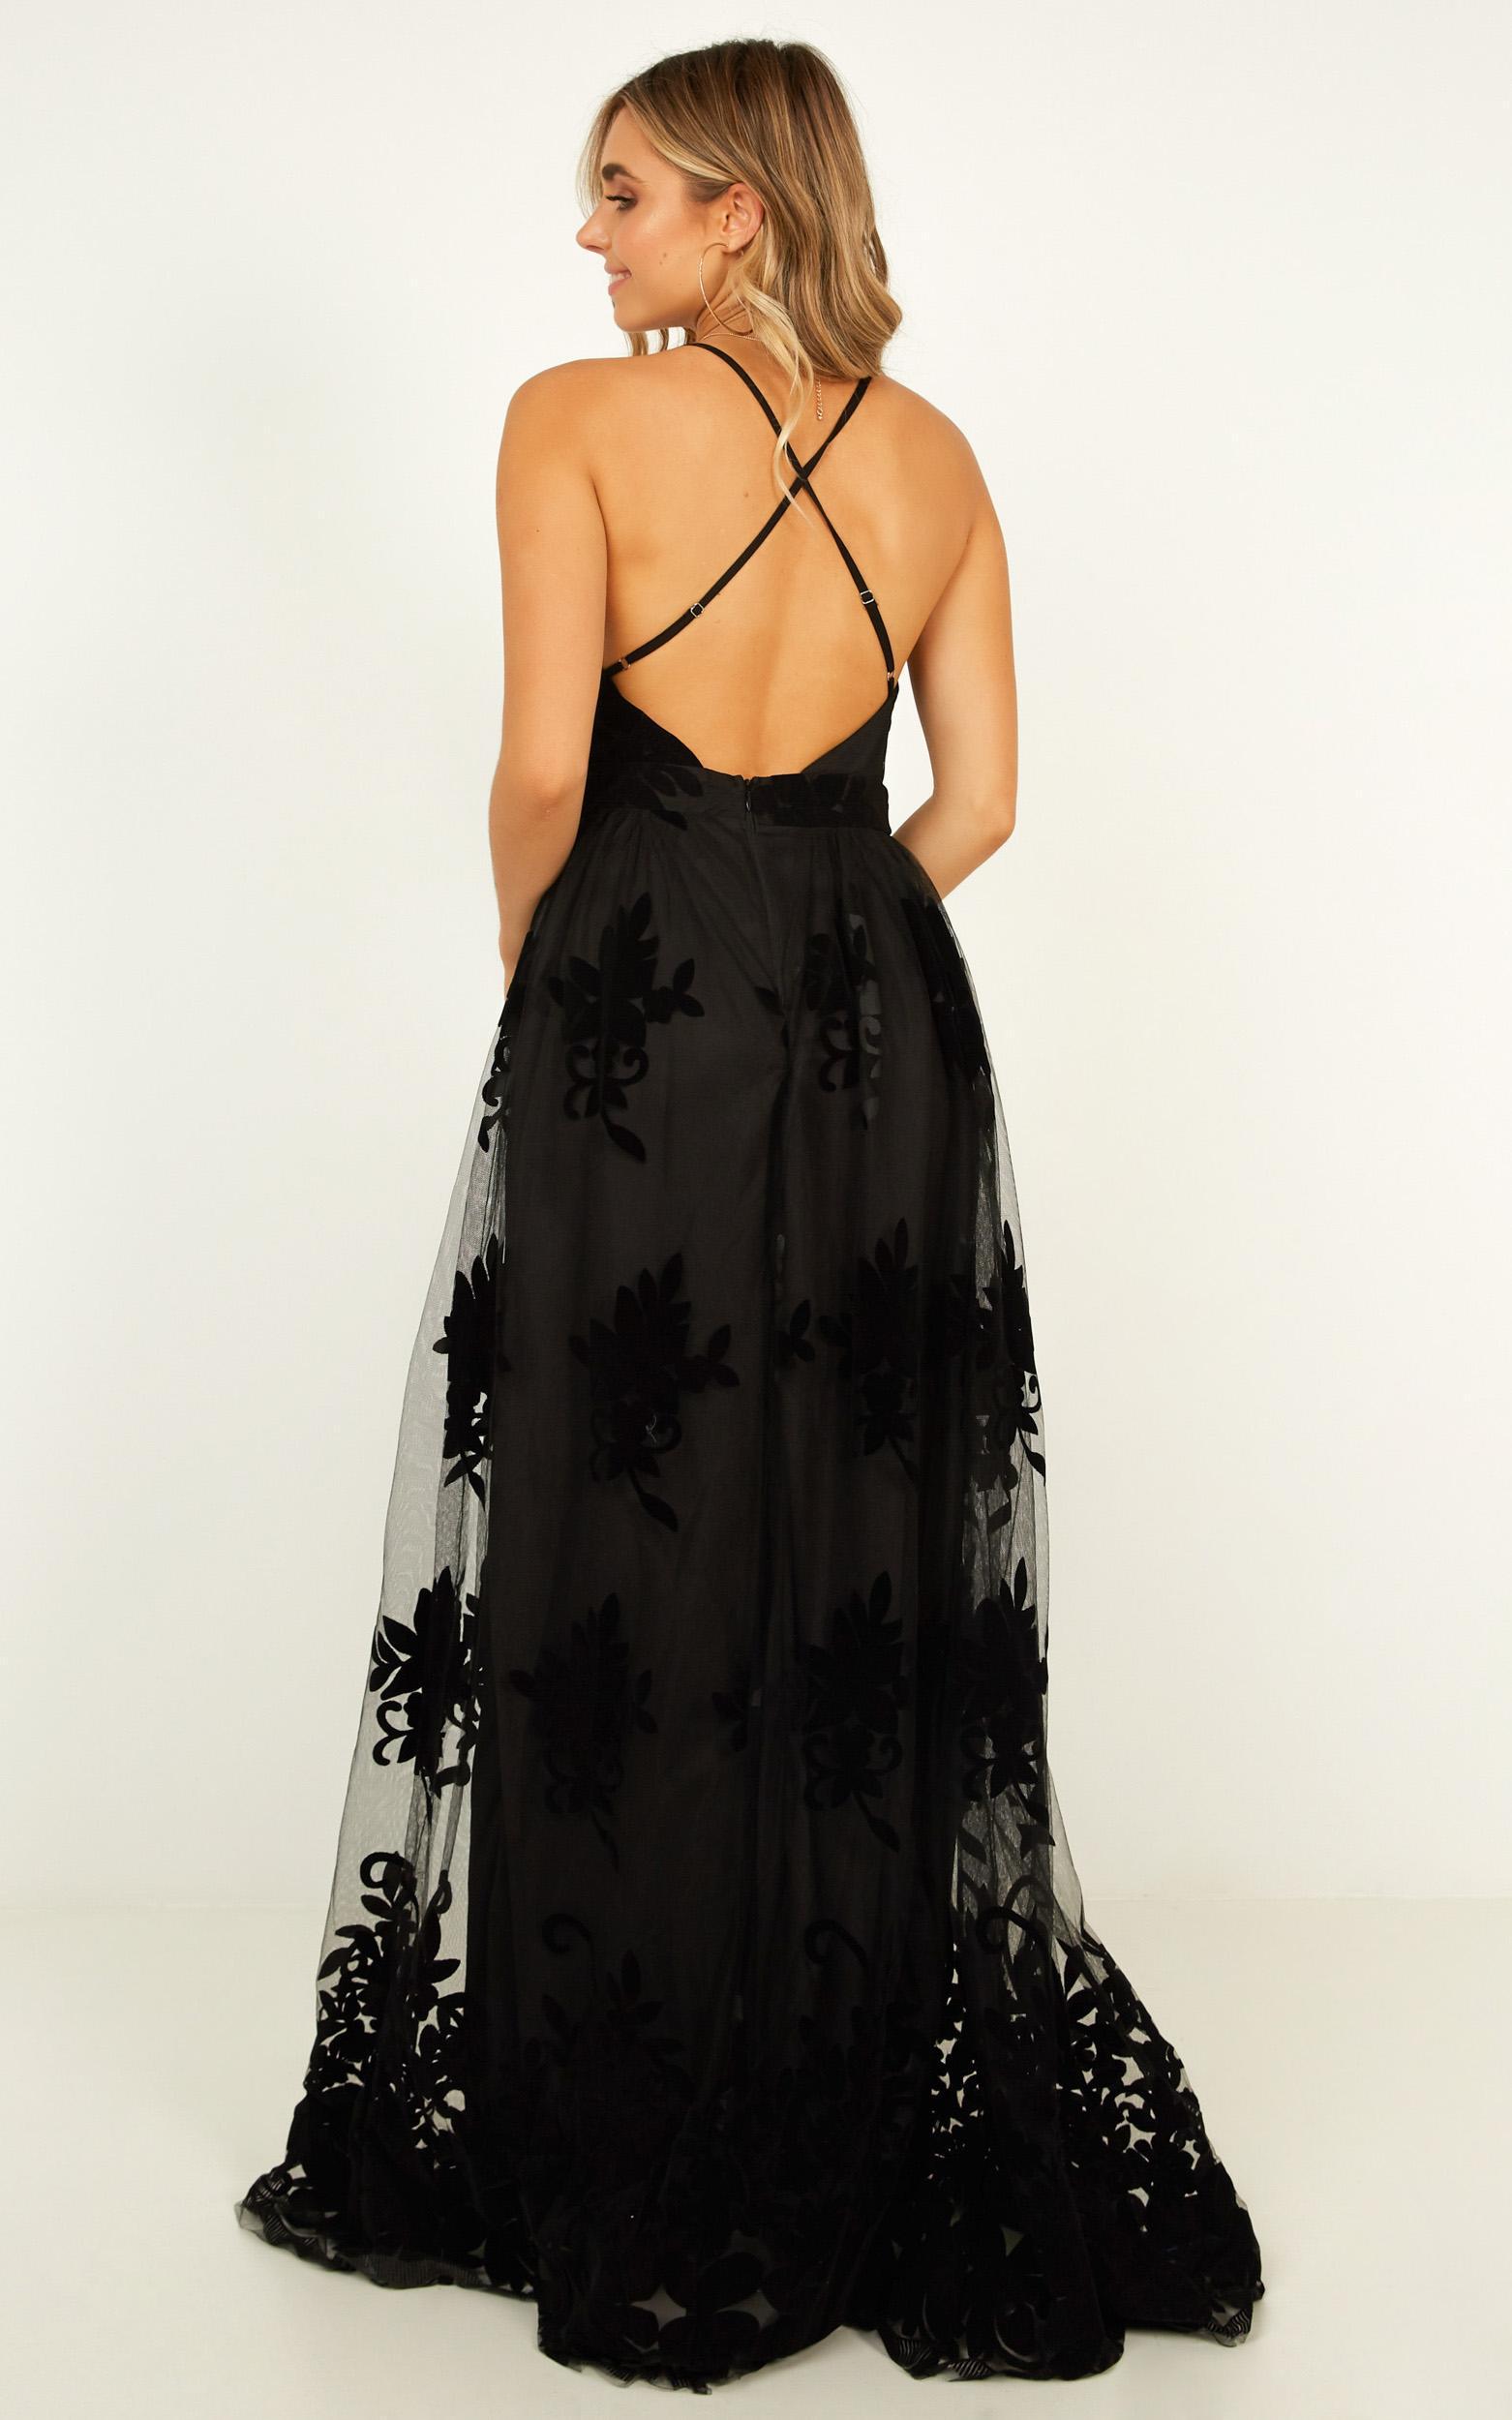 f969d8fb368 Showpo - Black Promenade Maxi Dress - Lyst. View fullscreen